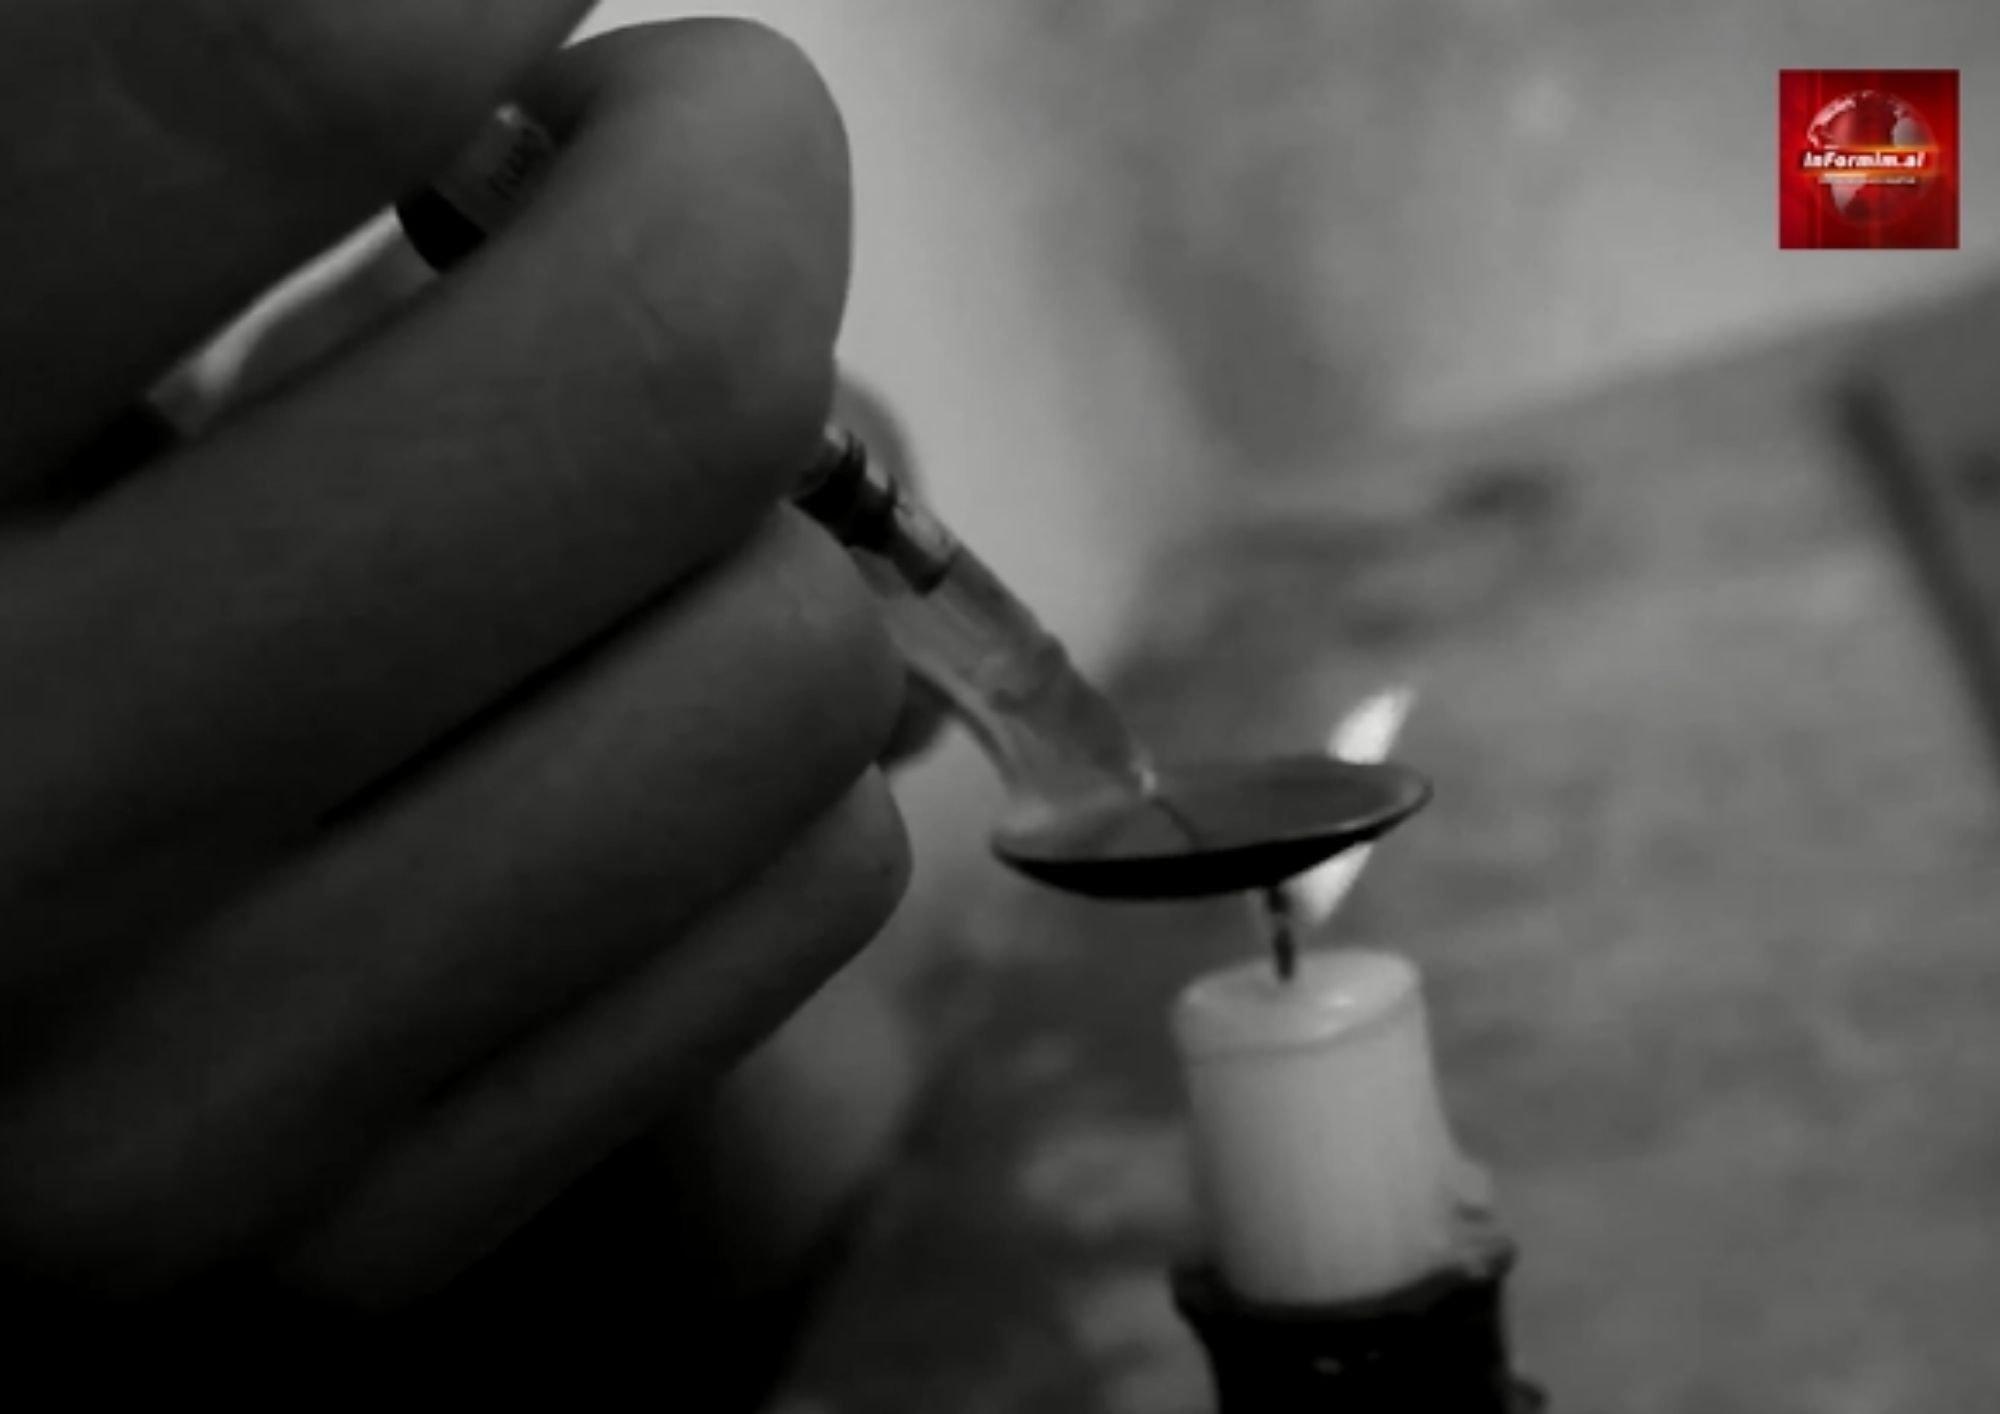 Rrethi vicioz i përdoruesve të drogës mes komunitetit Rom dhe Egjiptian